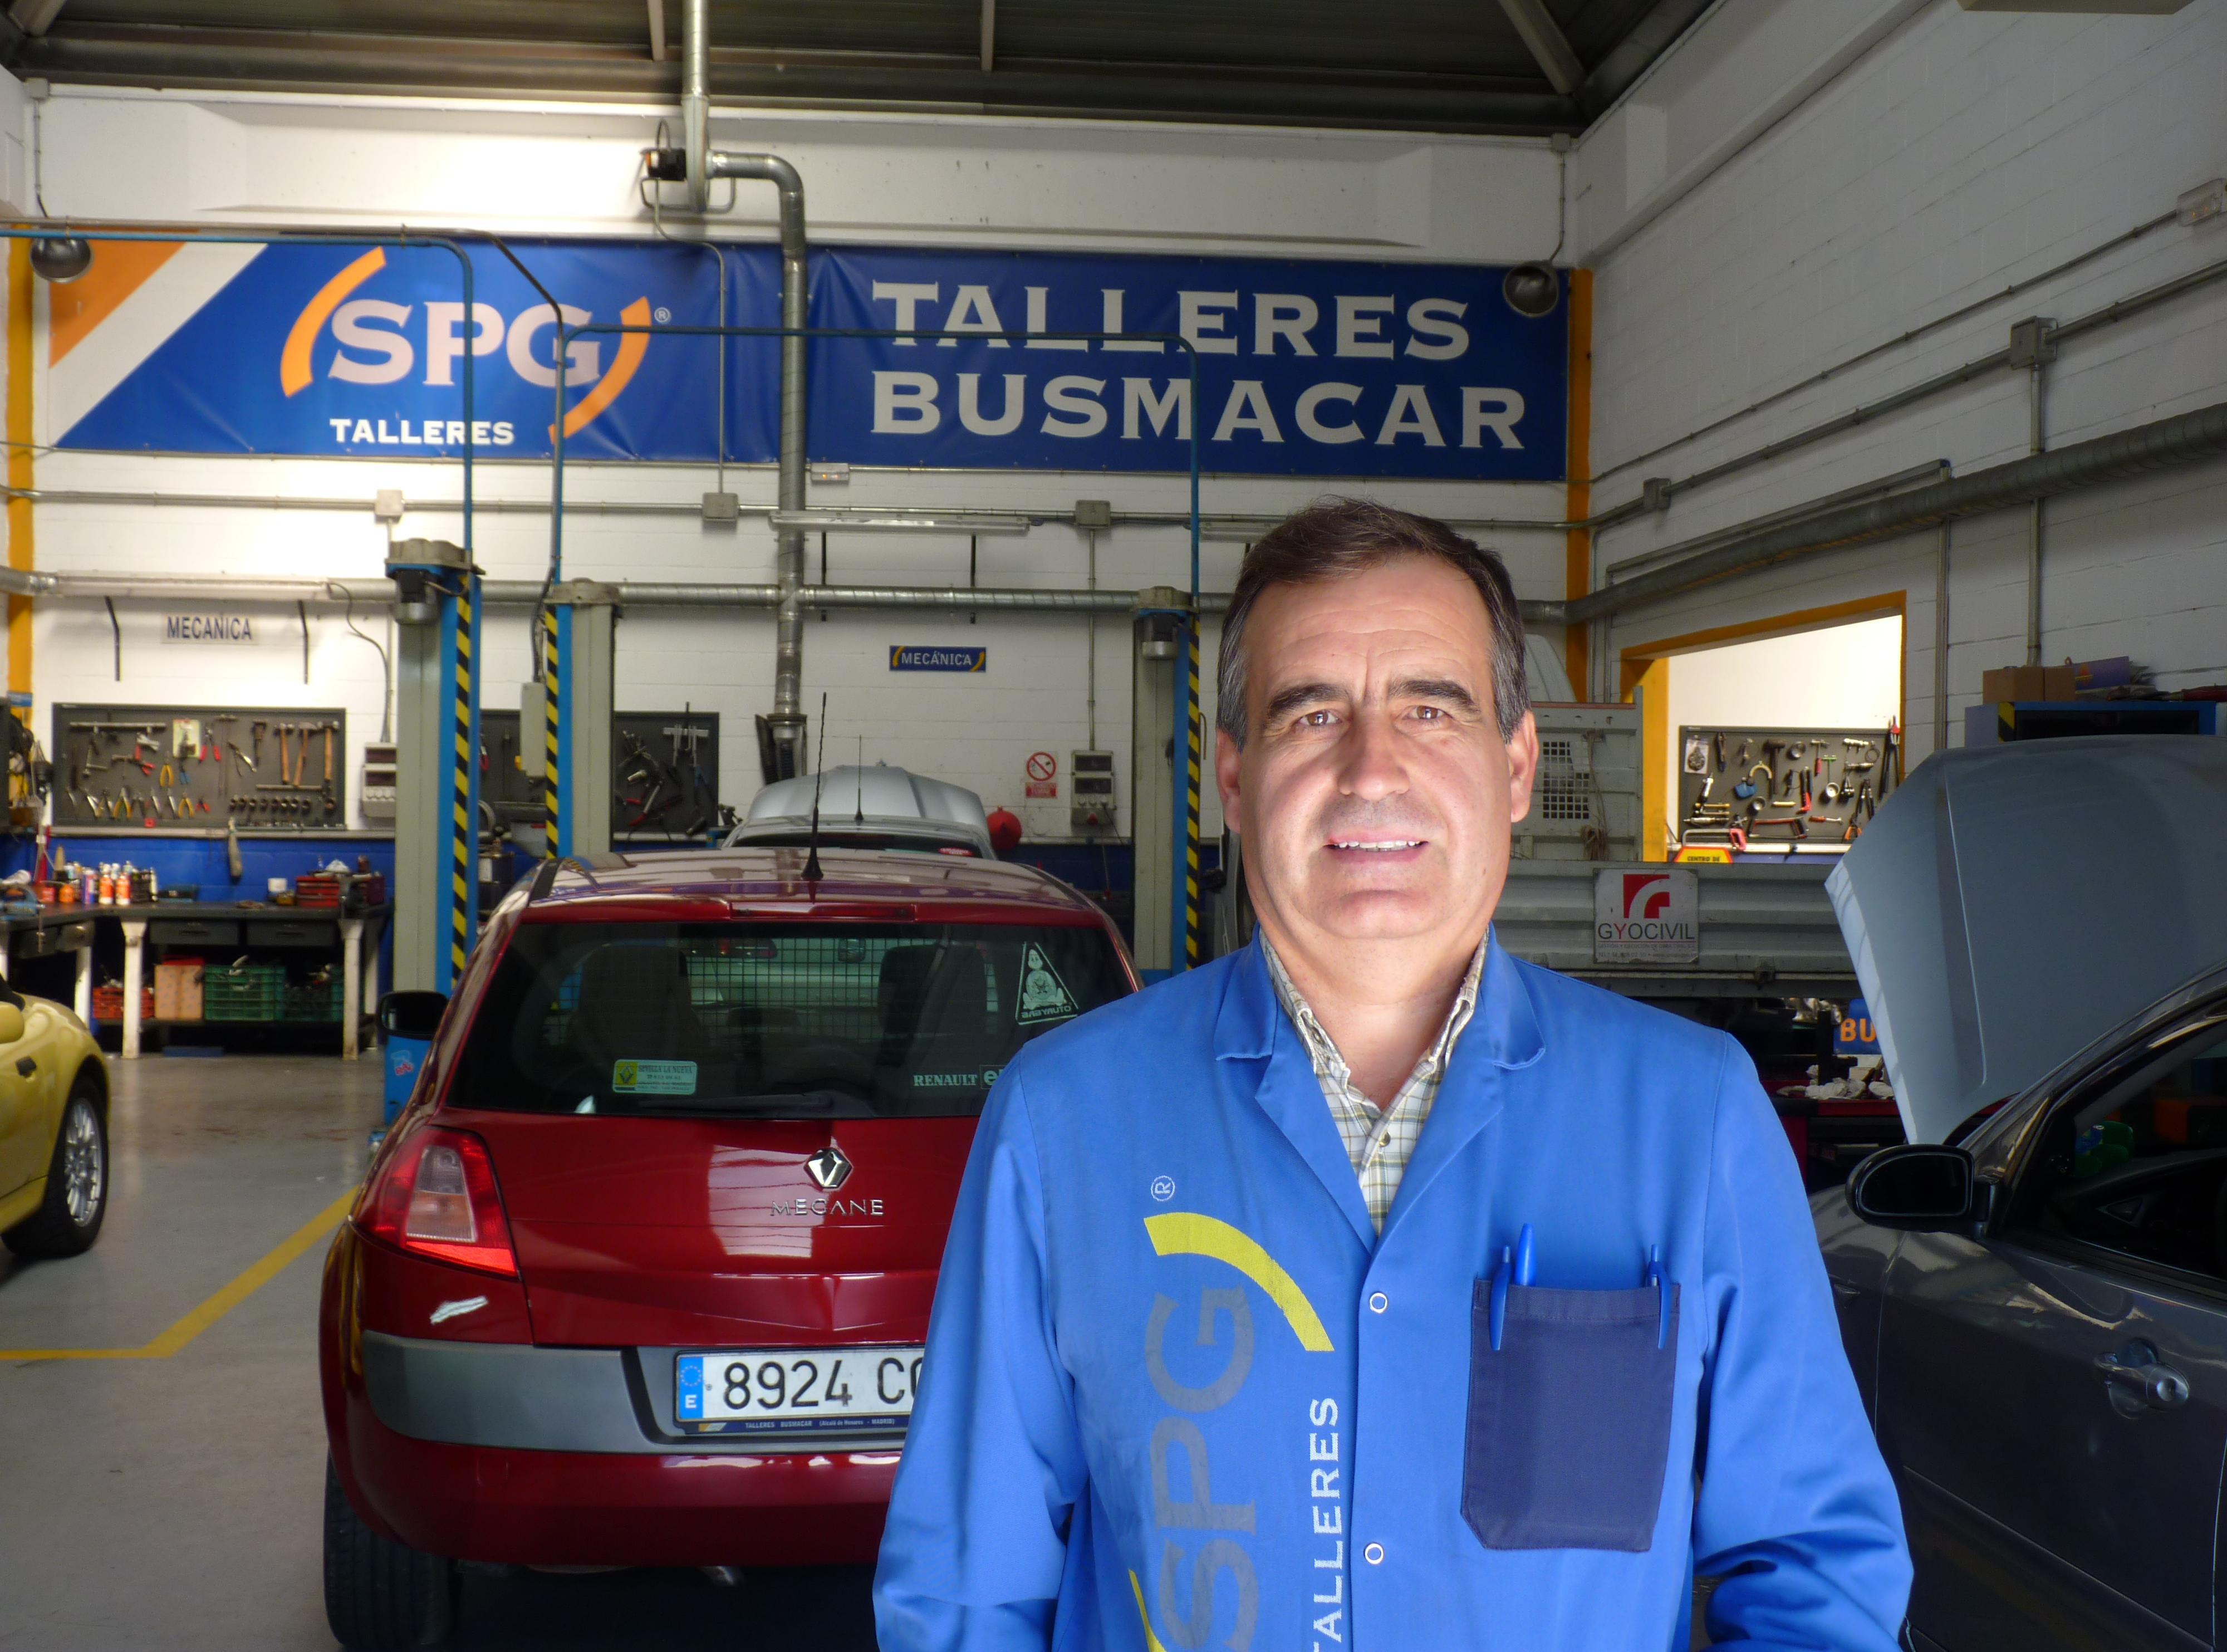 Foto 12 de Talleres de automóviles en Alcalá de Henares | Talleres Busmacar